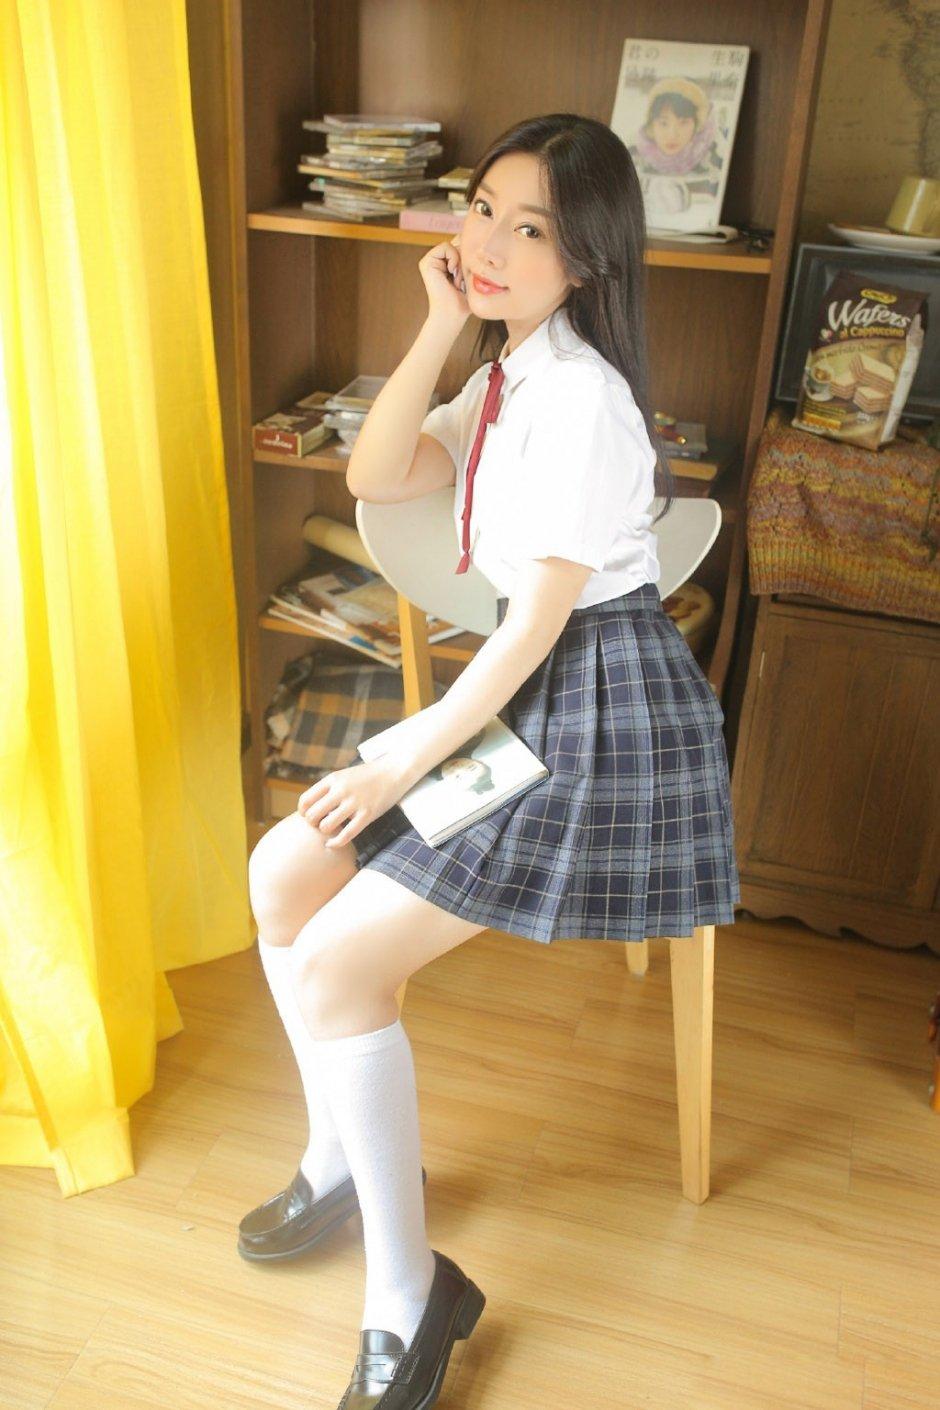 白衬衣少女长腿图片